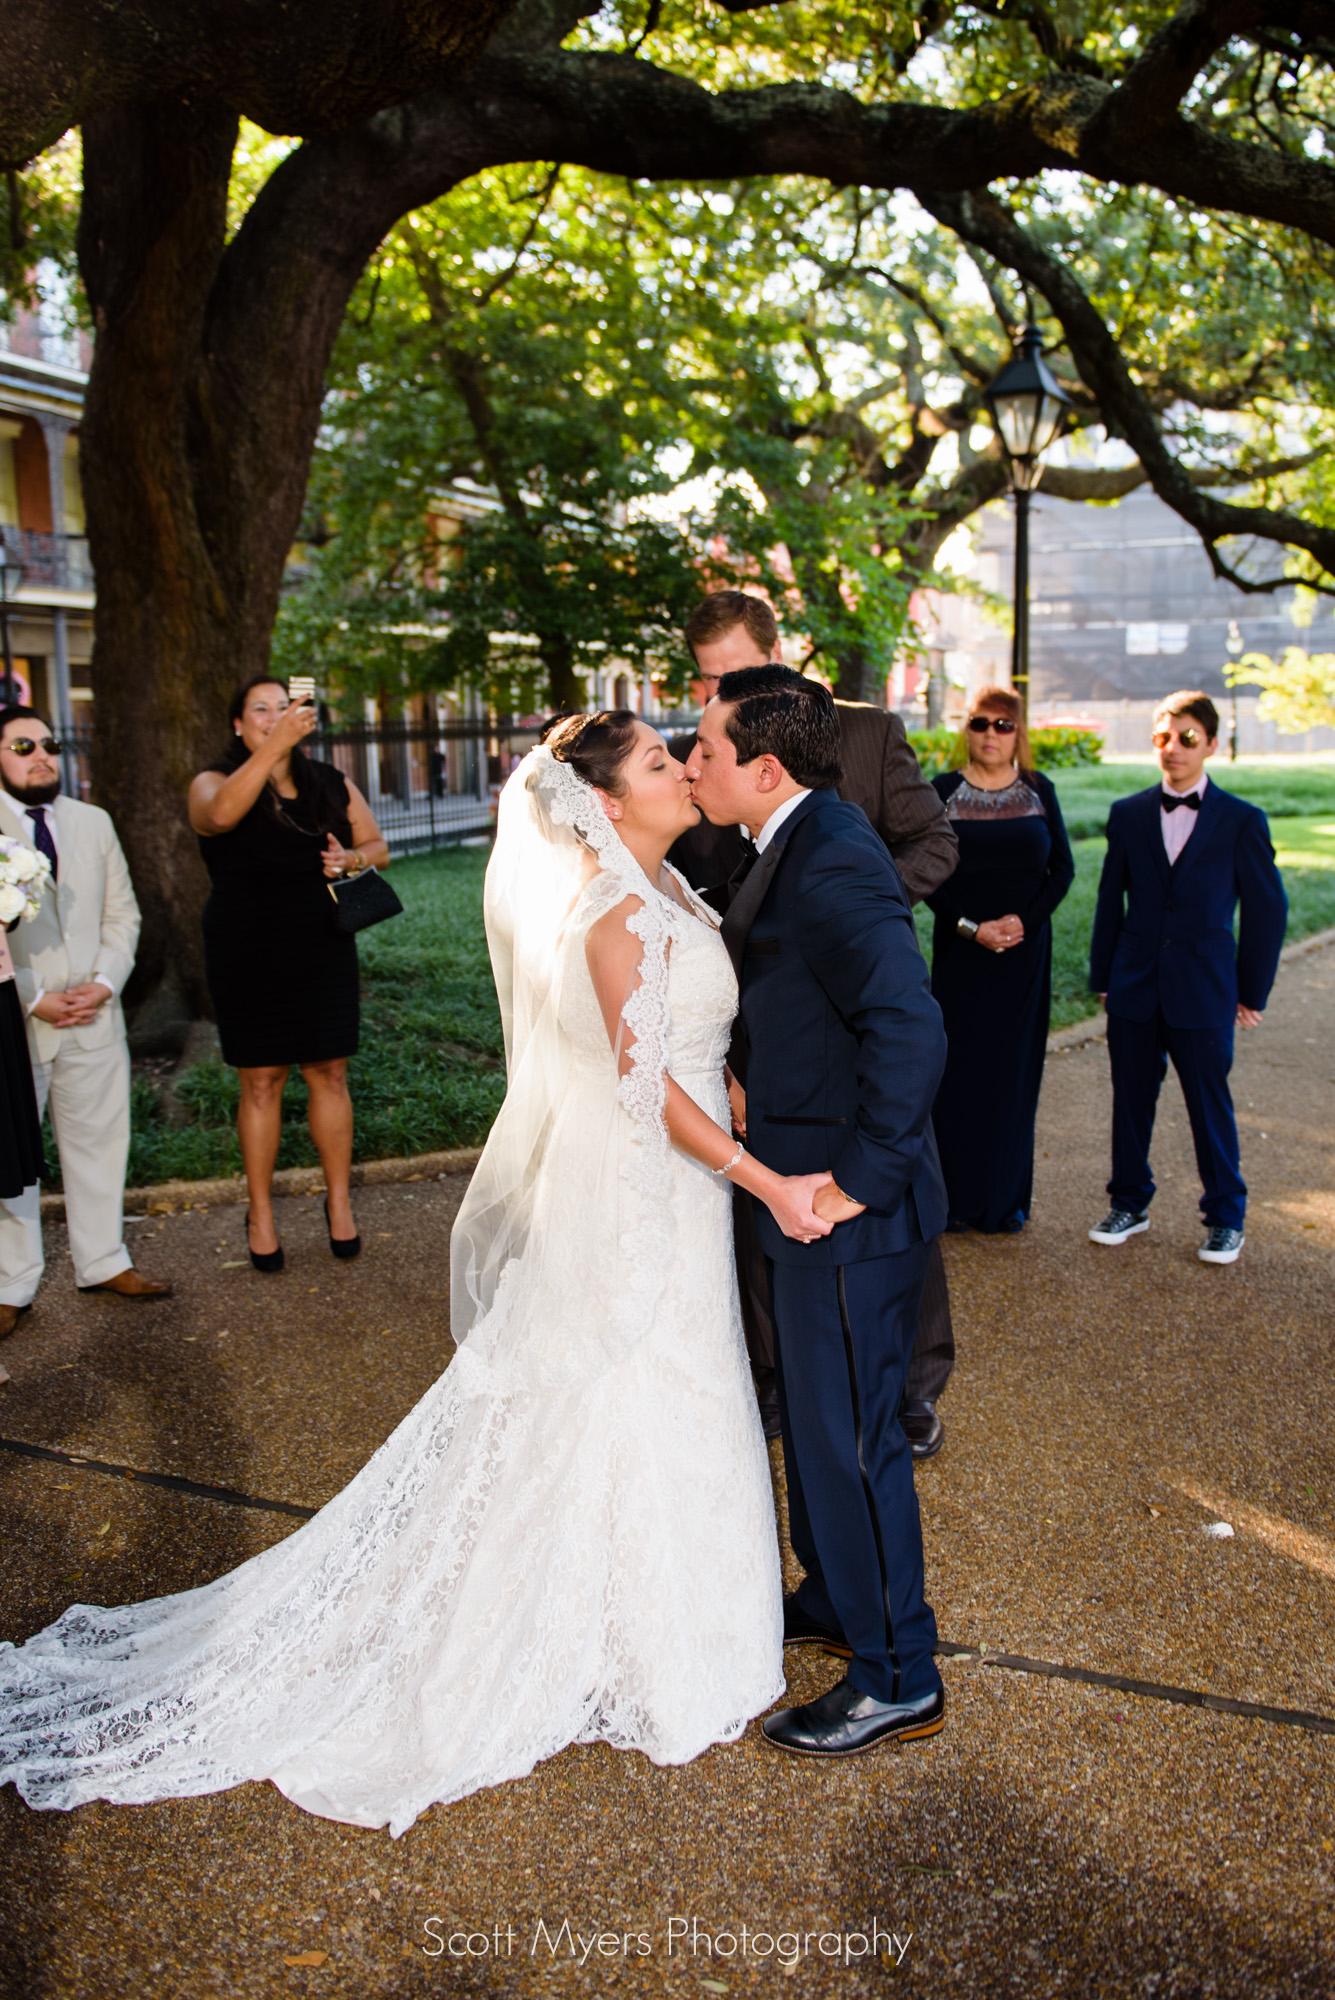 Scott_Myers_Wedding_New_Orleans_026.jpg